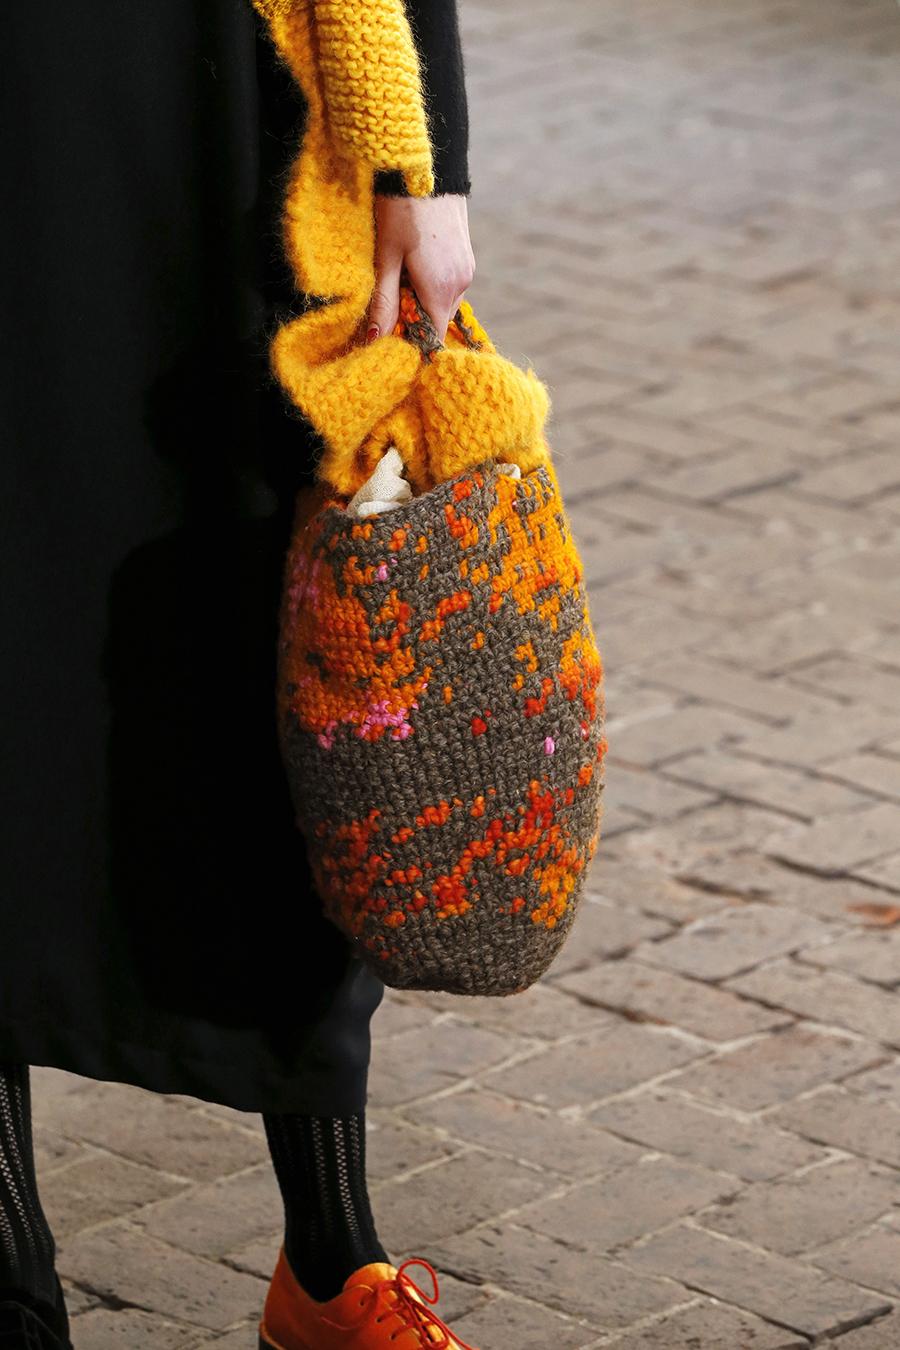 модная вязаная макраме осень зима 2020 2021 коричневая оранжевая